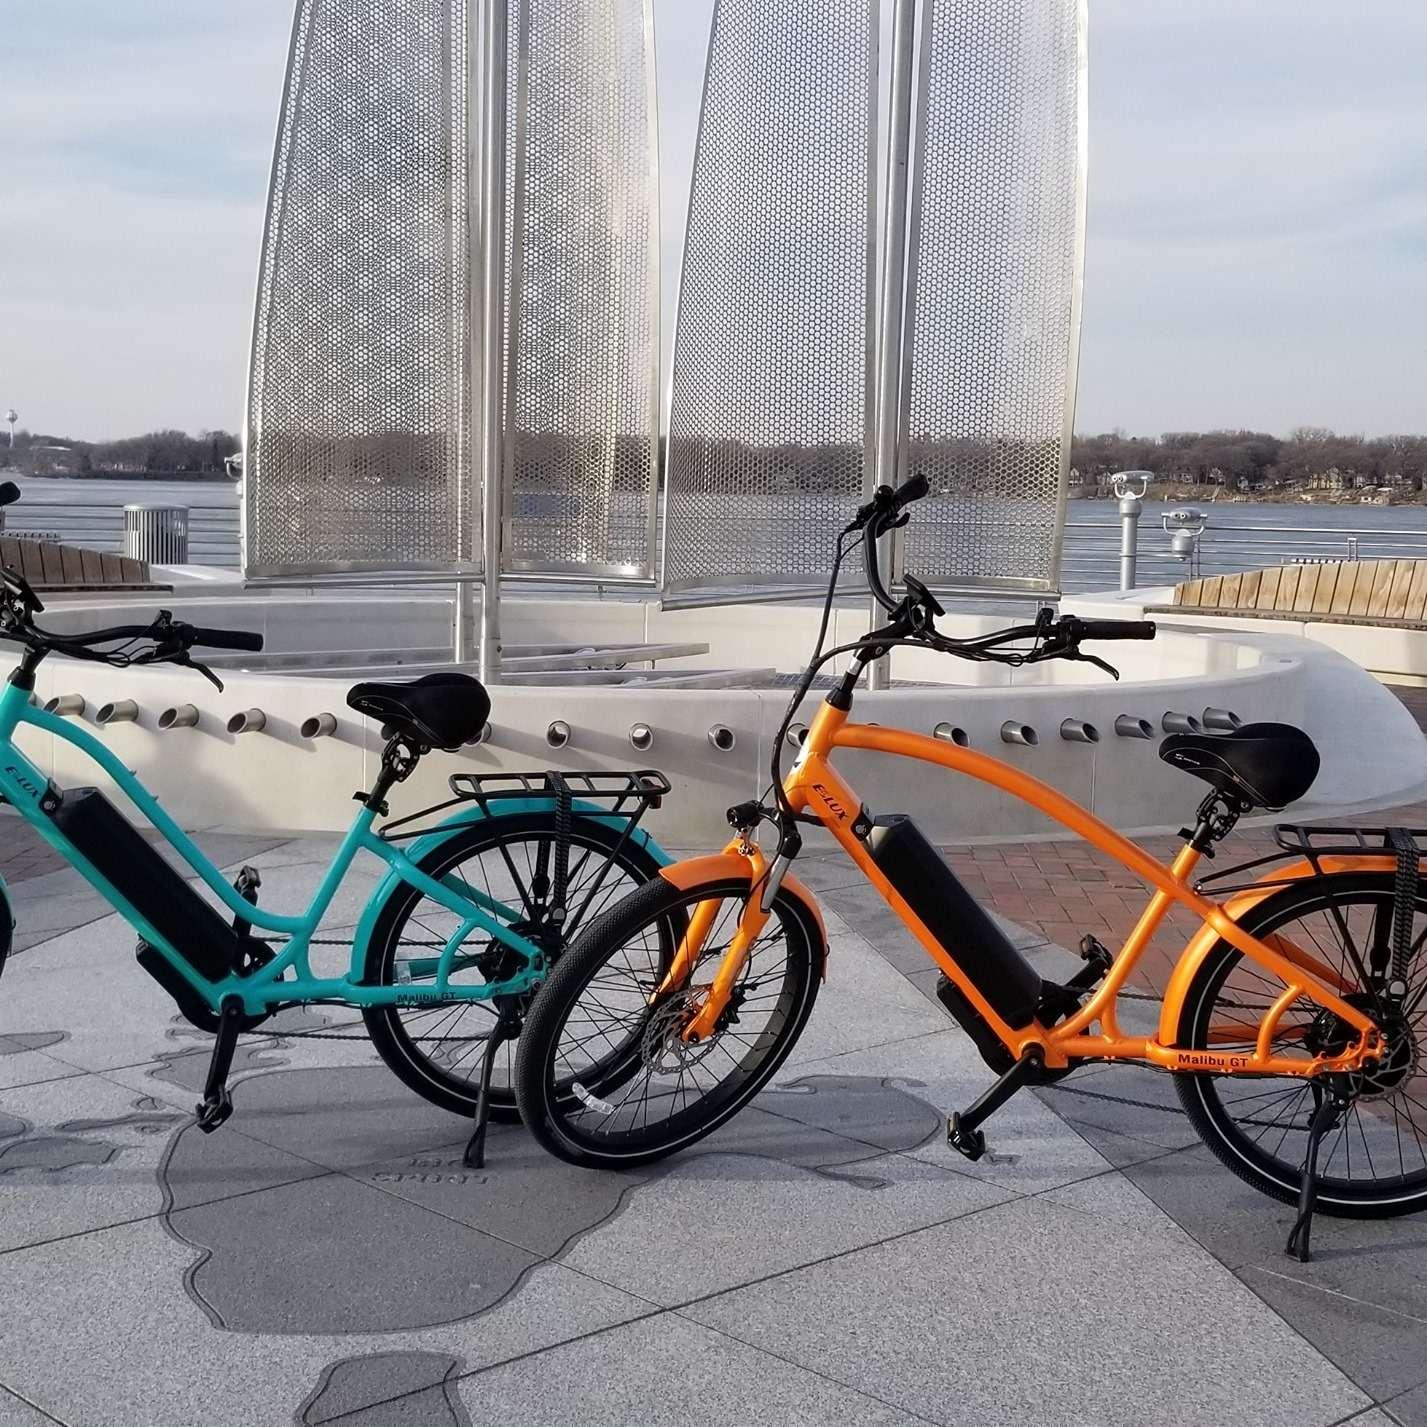 boj-e-bikes